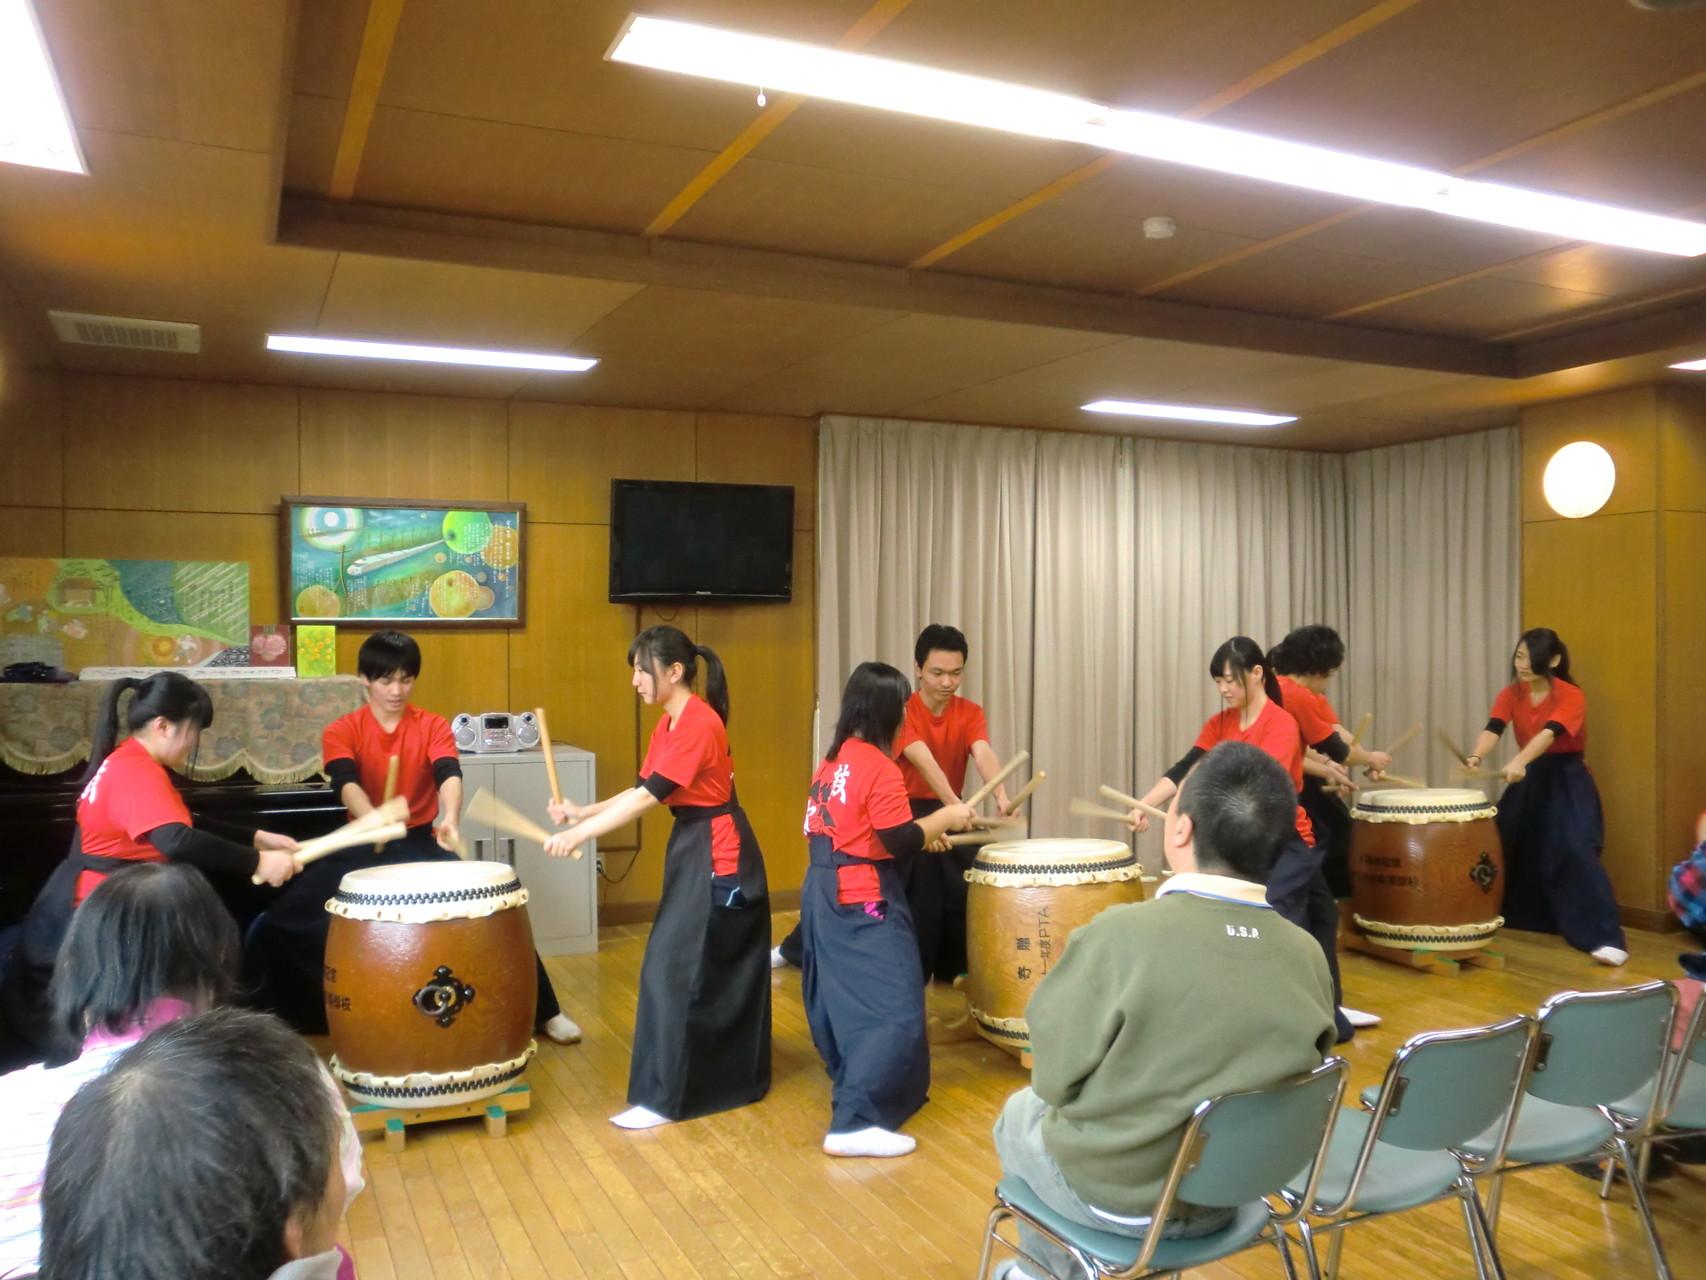 瀬戸北総合高校和太鼓部のみなさんの演奏